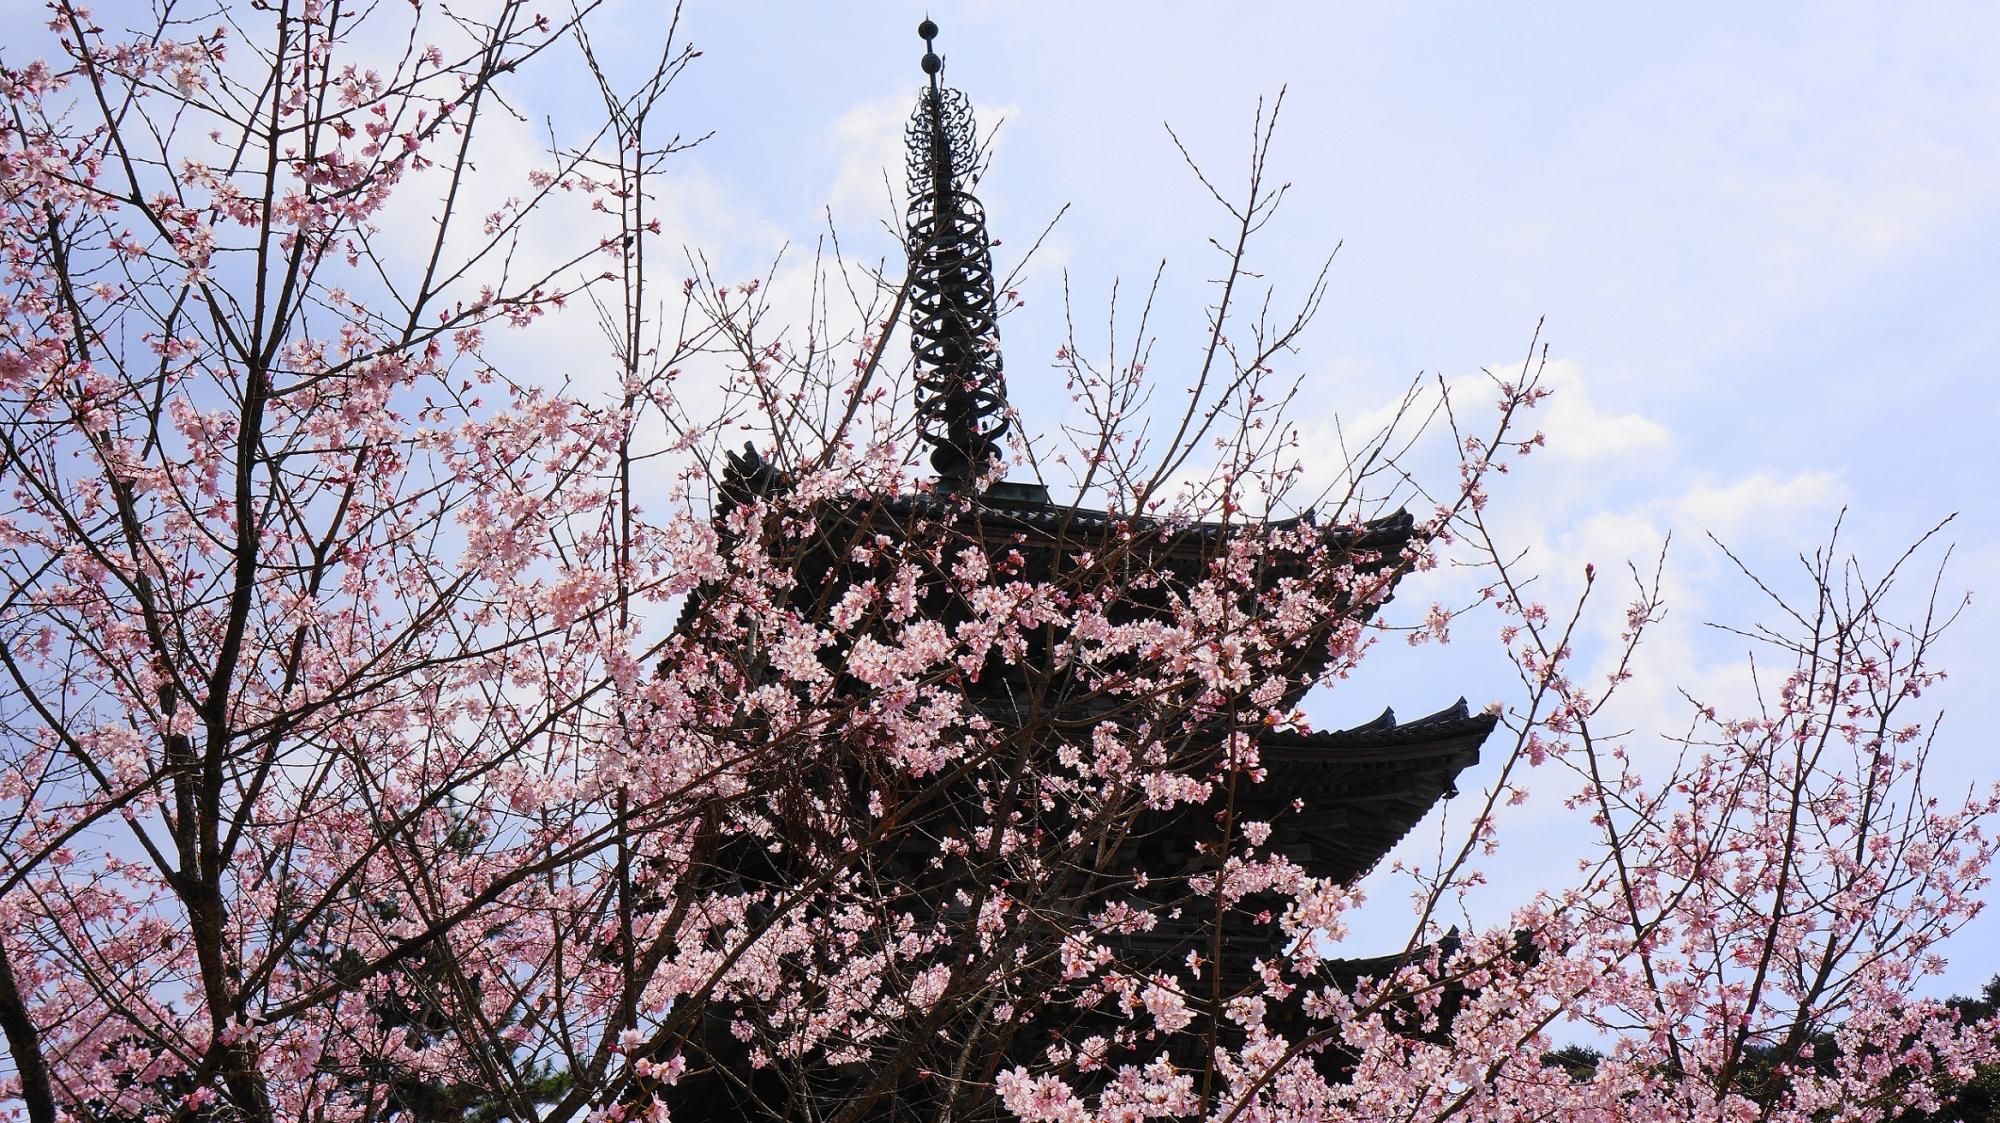 世界遺産の醍醐寺の五重塔と華やかな桜